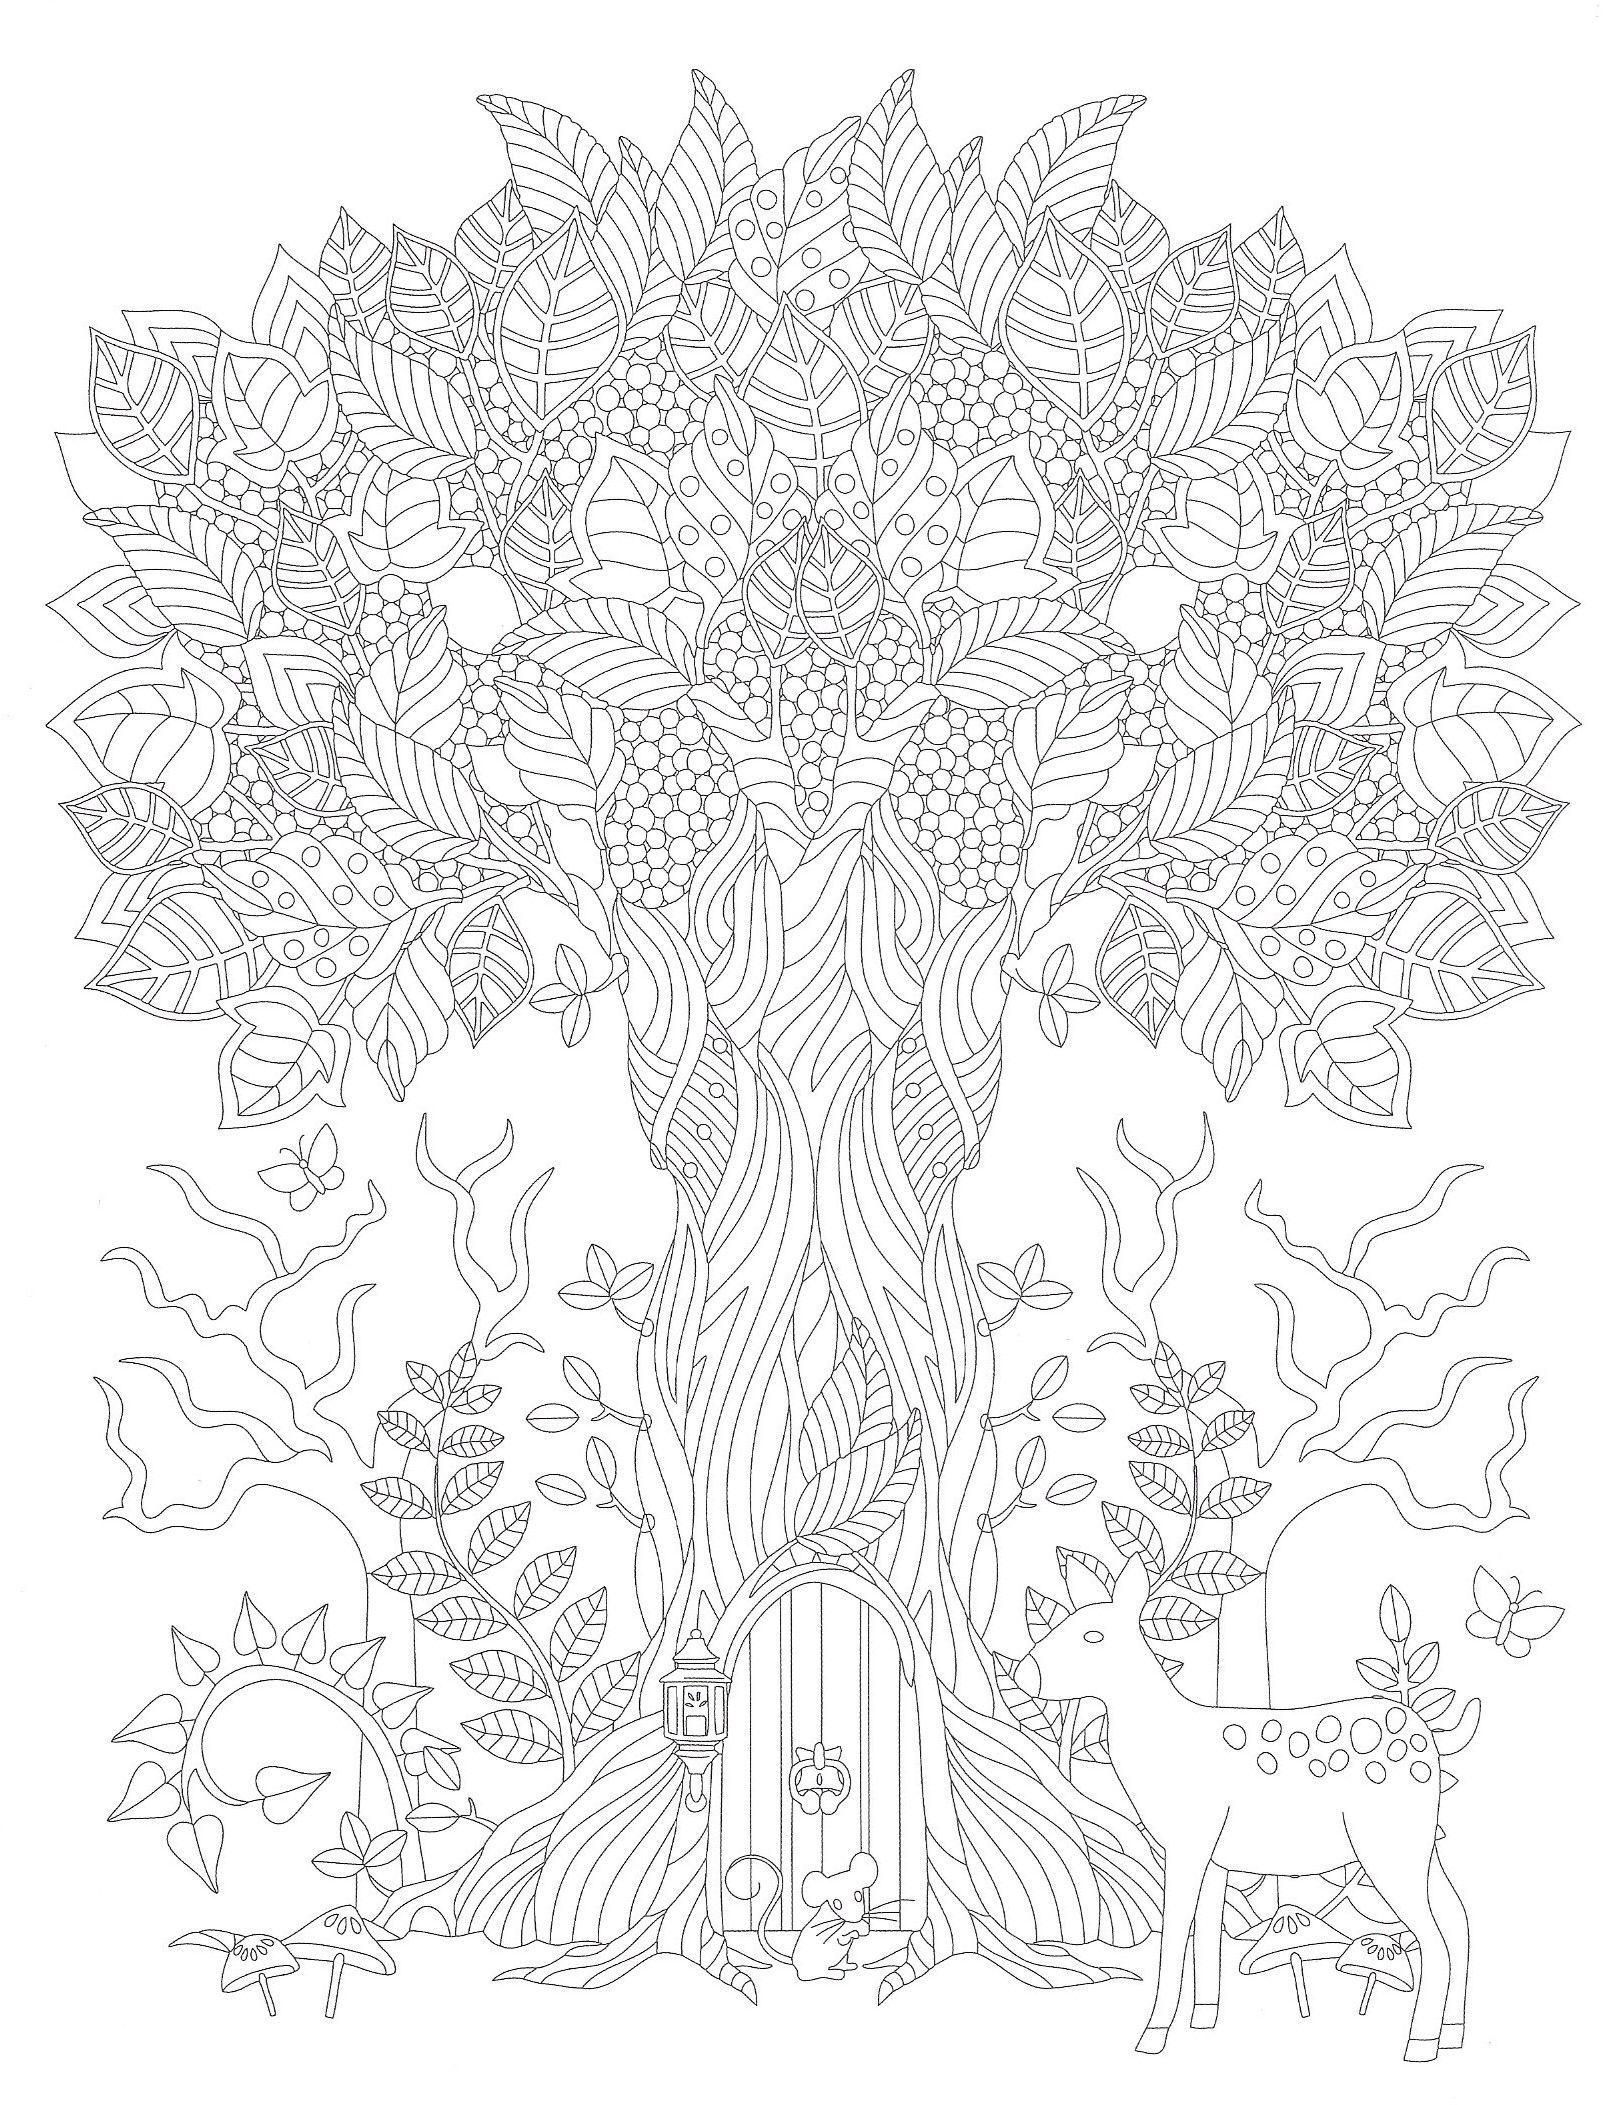 Malvorlagen Coloringpage Ausmalen Baum Tree Blätter